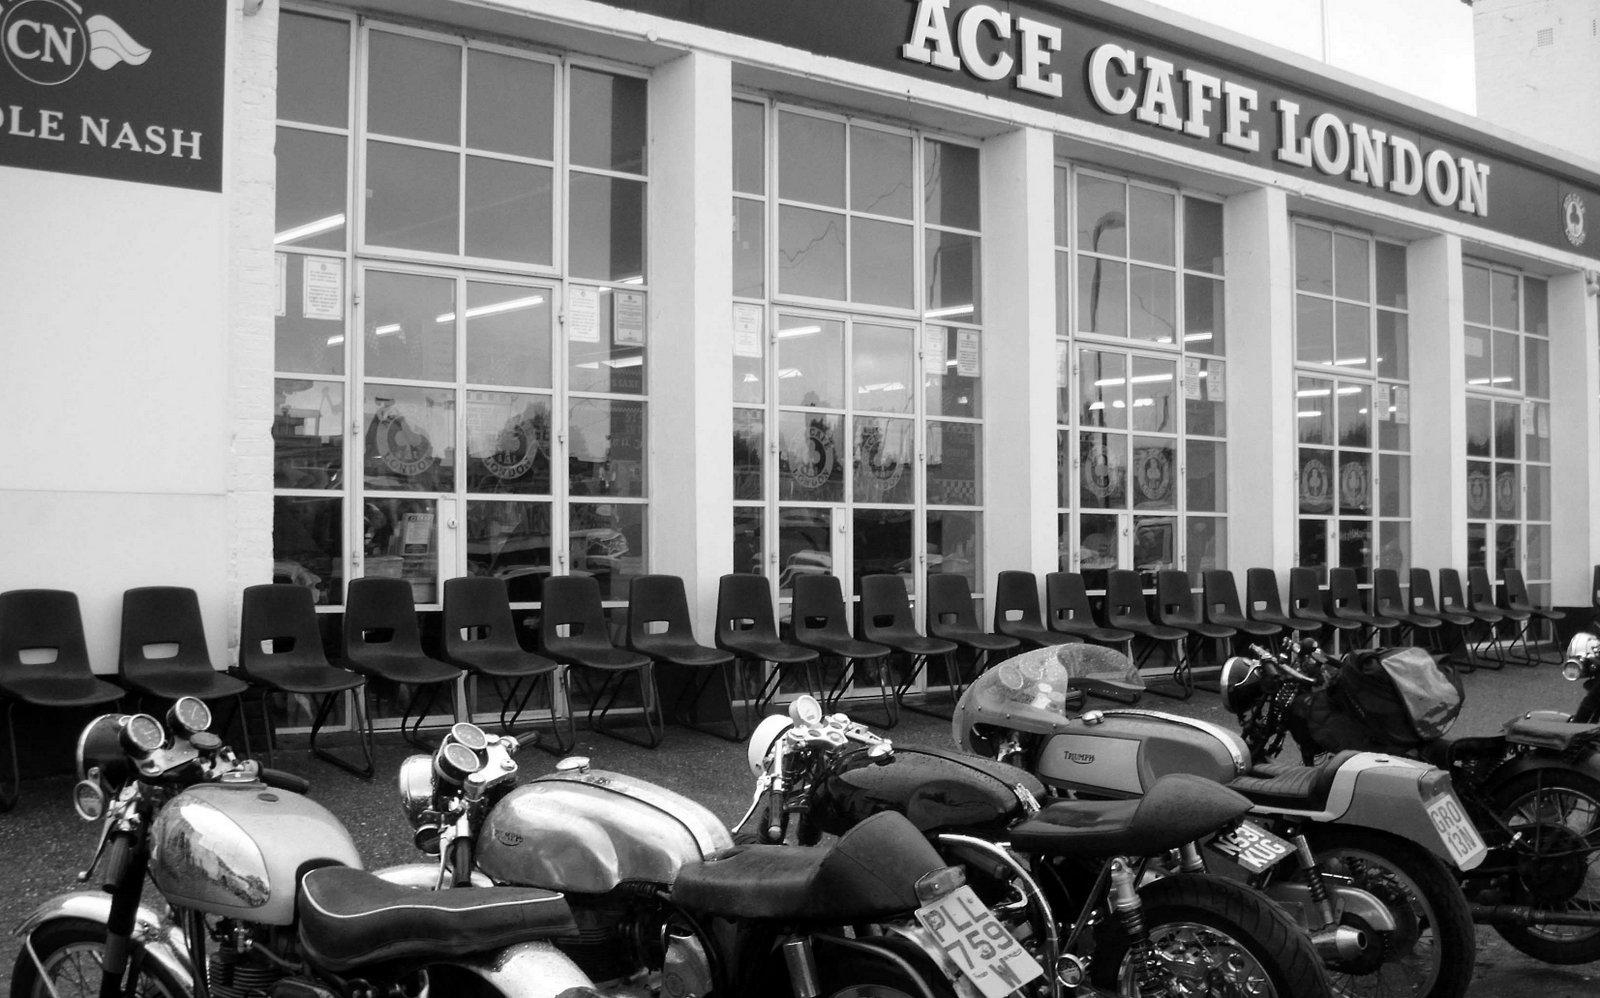 Ace Racer Cafe London